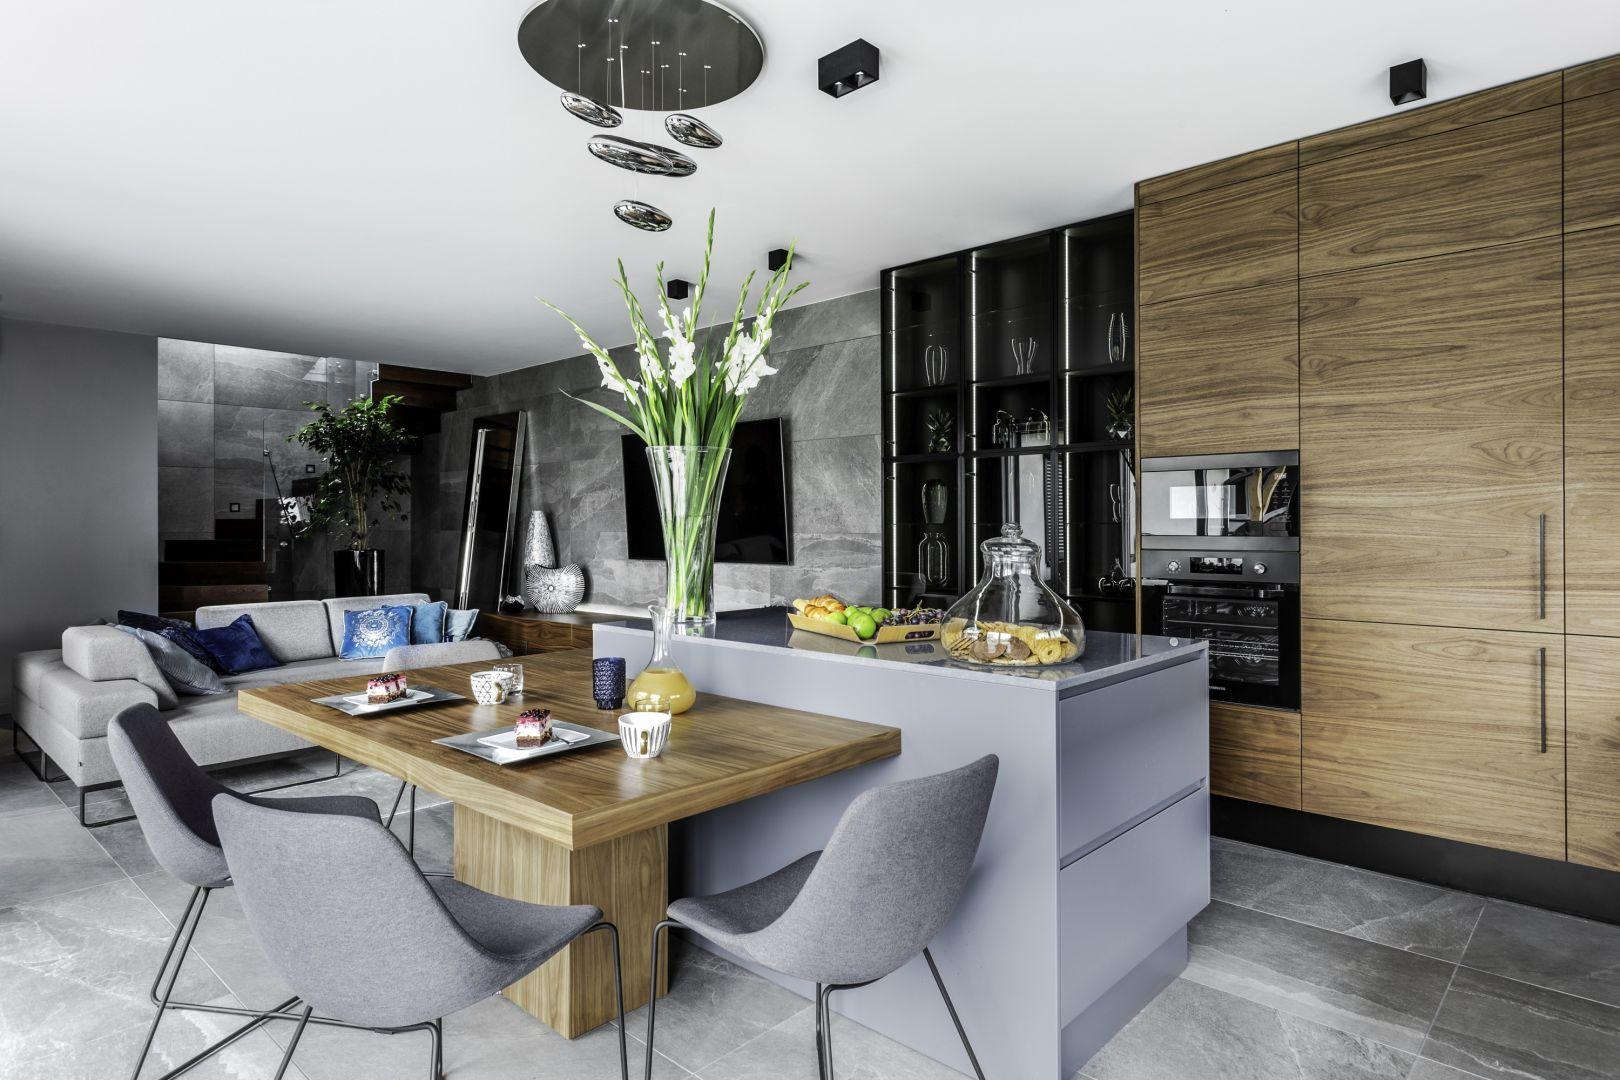 Salon i kuchnia stanowią spójna stylistycznie kompozycję. Projekt Agnieszka Morawiec. Fot. Dekorialove